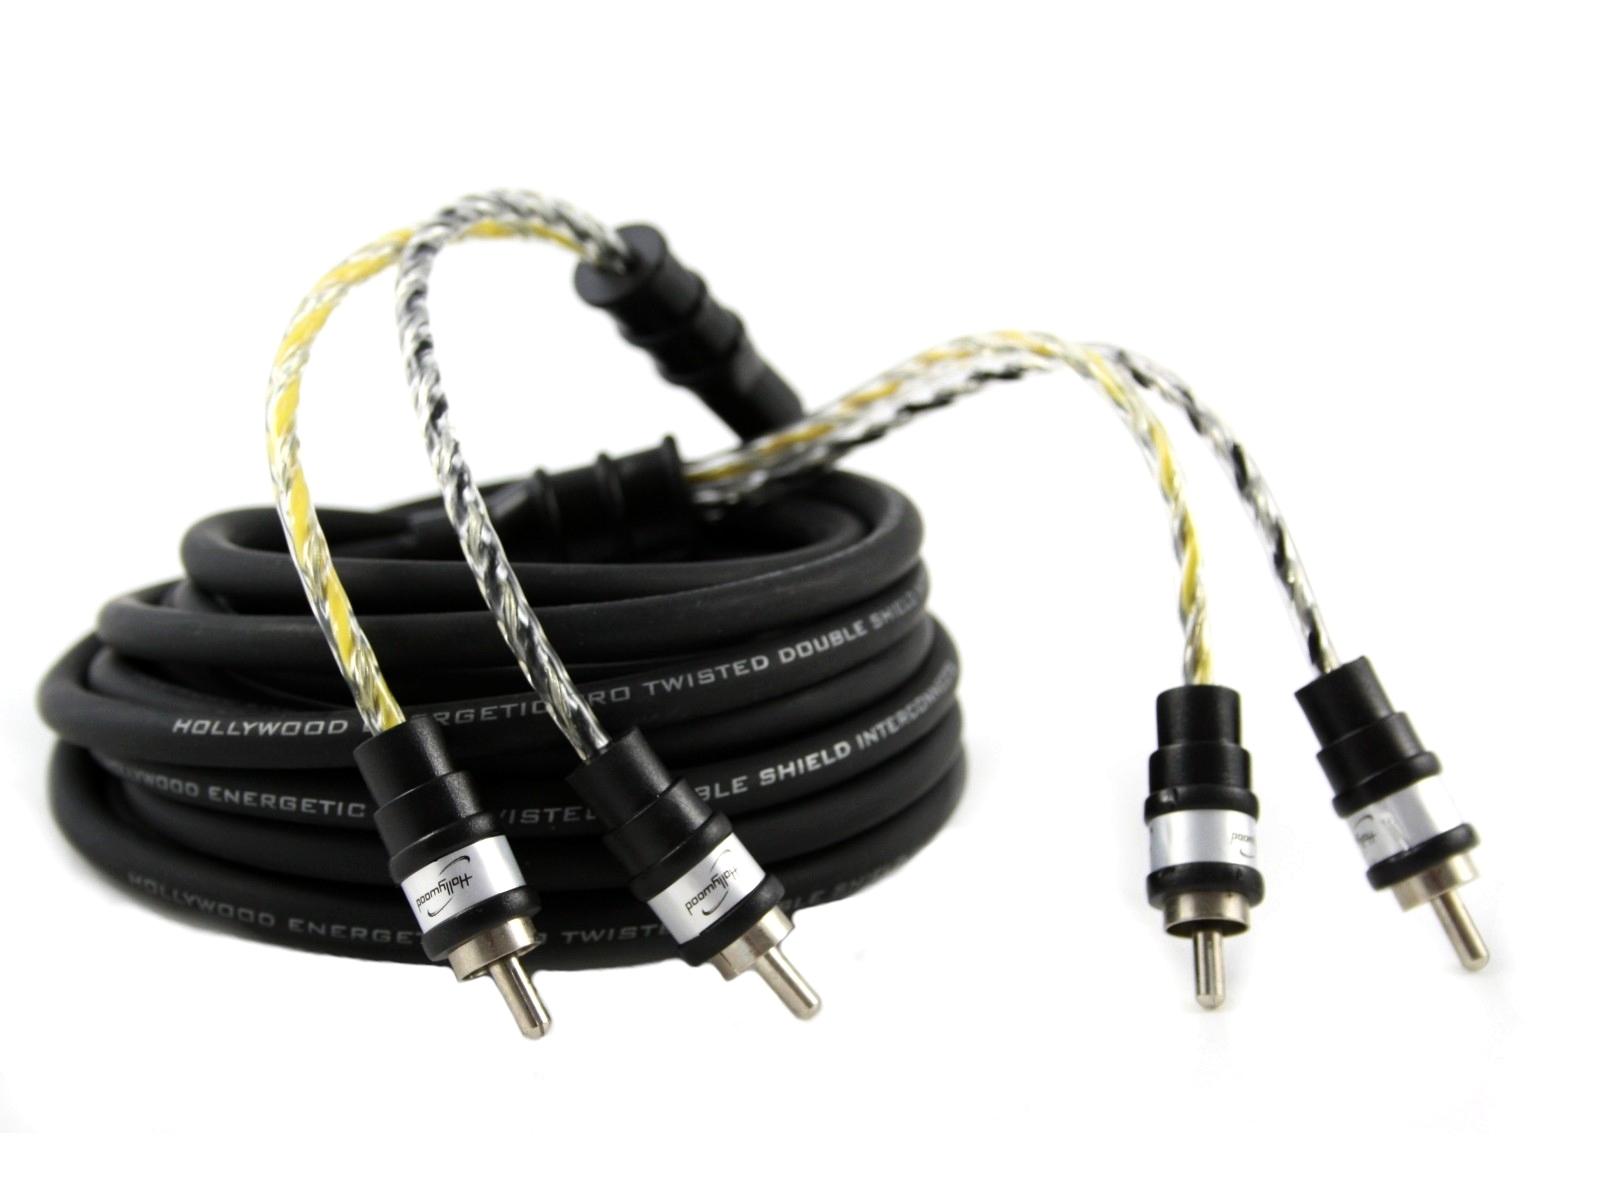 6 kanaals rca kabel 5 meter